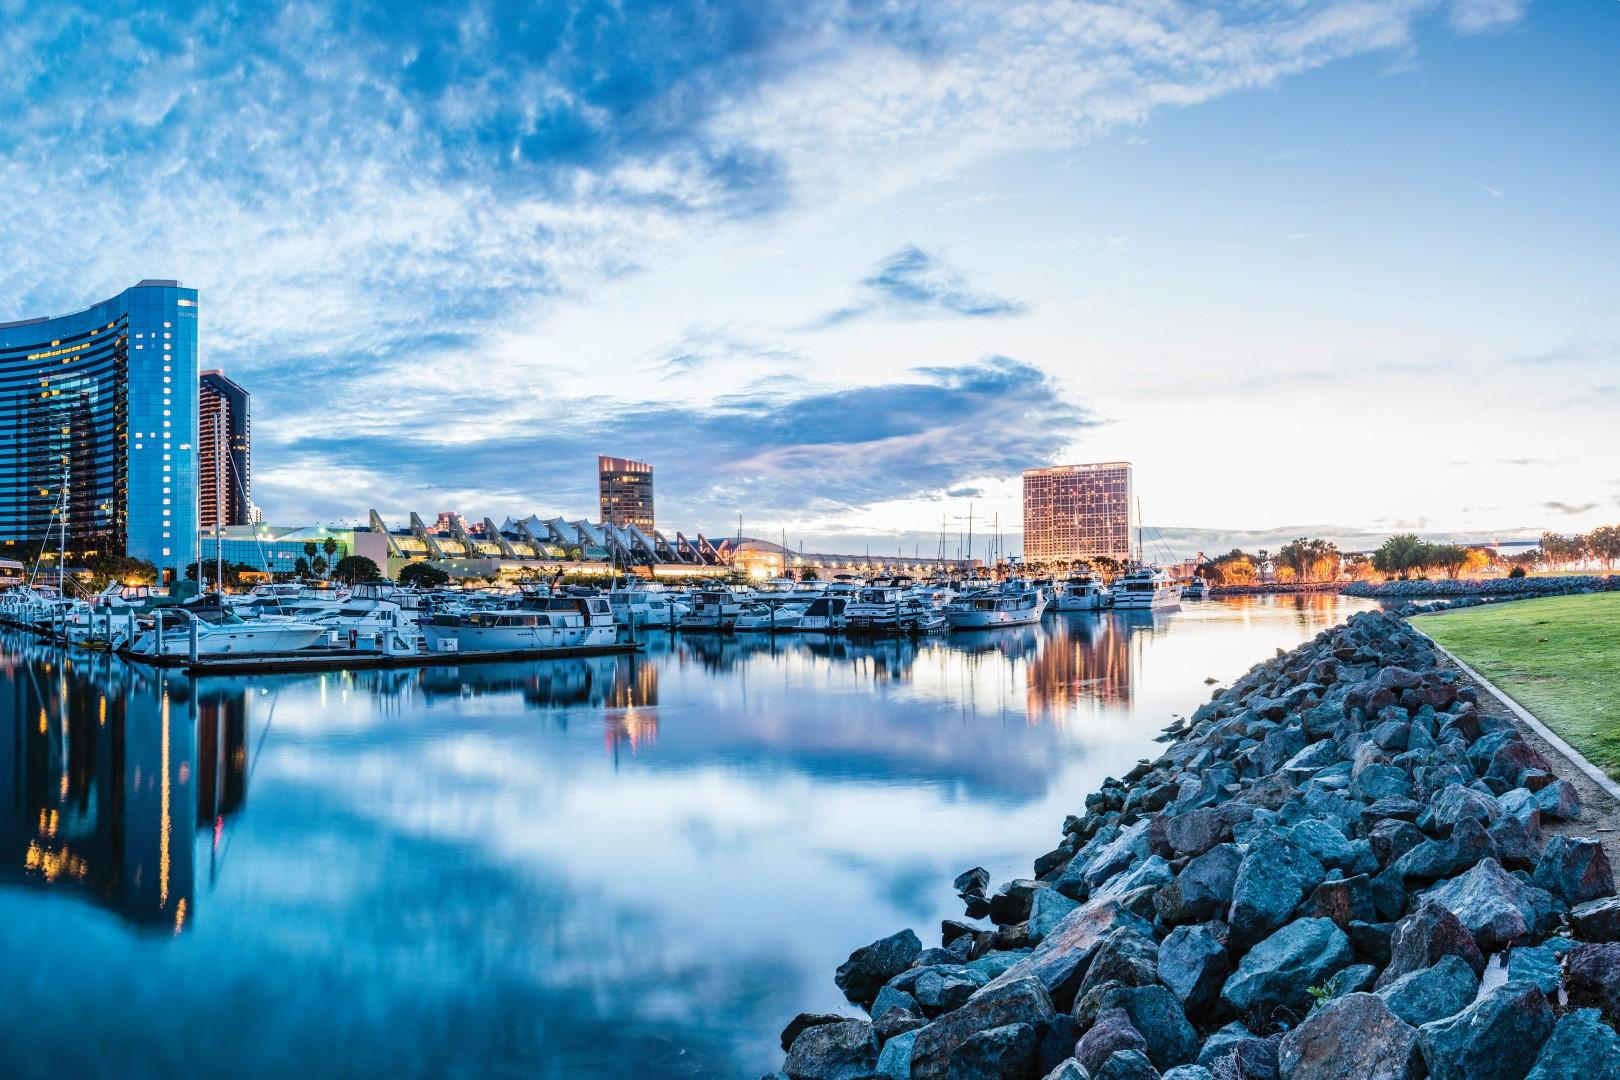 21st Century Marina Uncropped